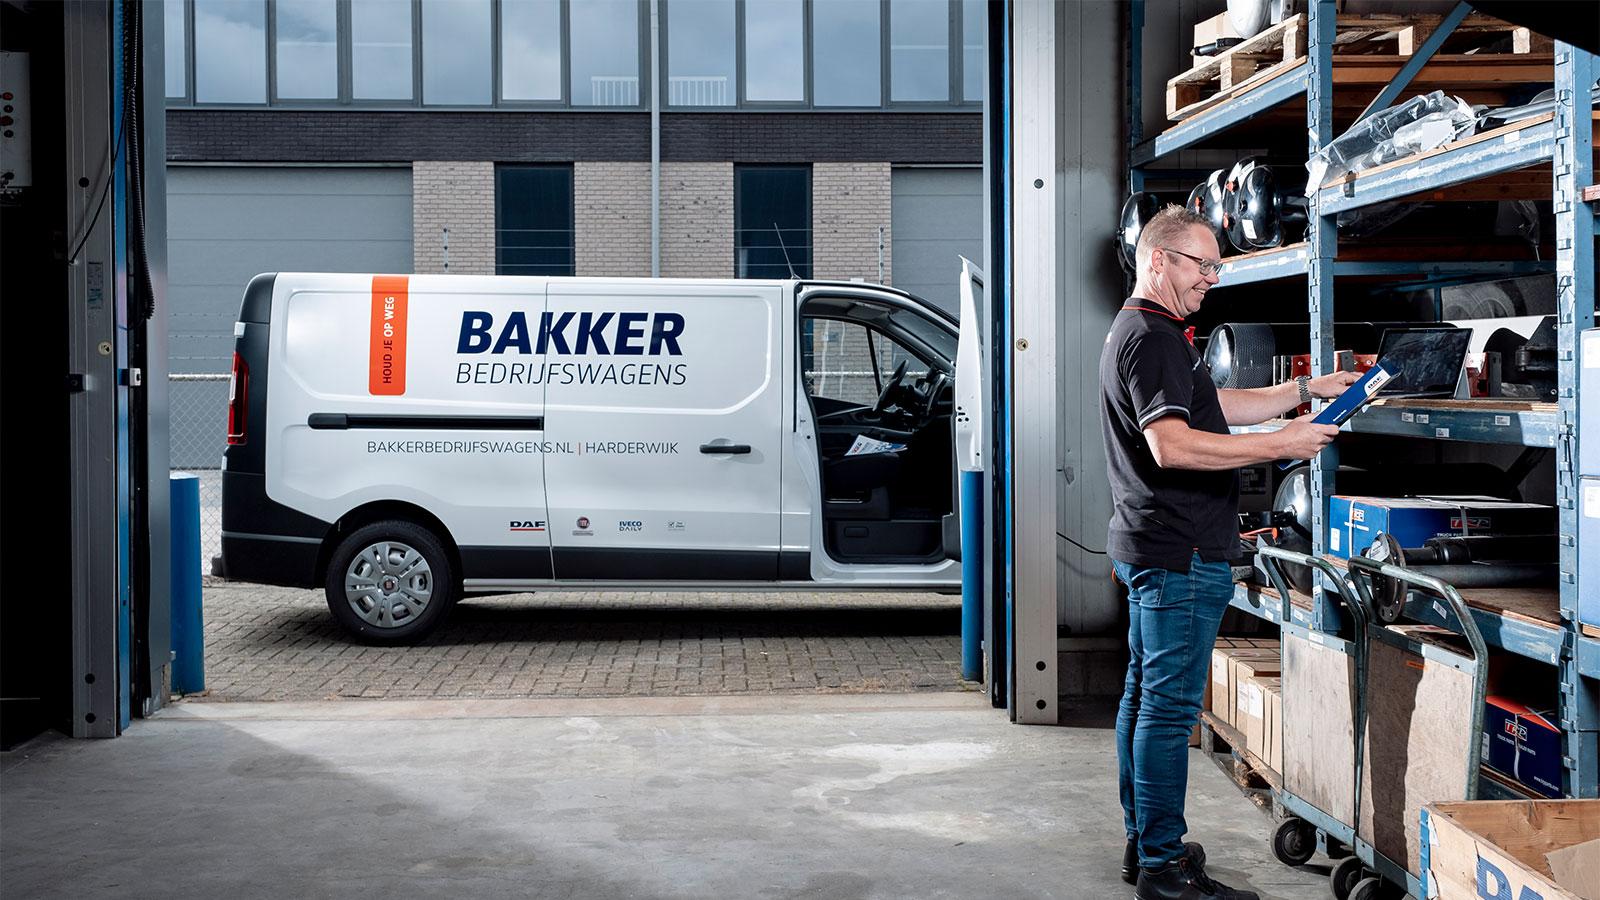 Bakker Bedrijfswagens - Contact